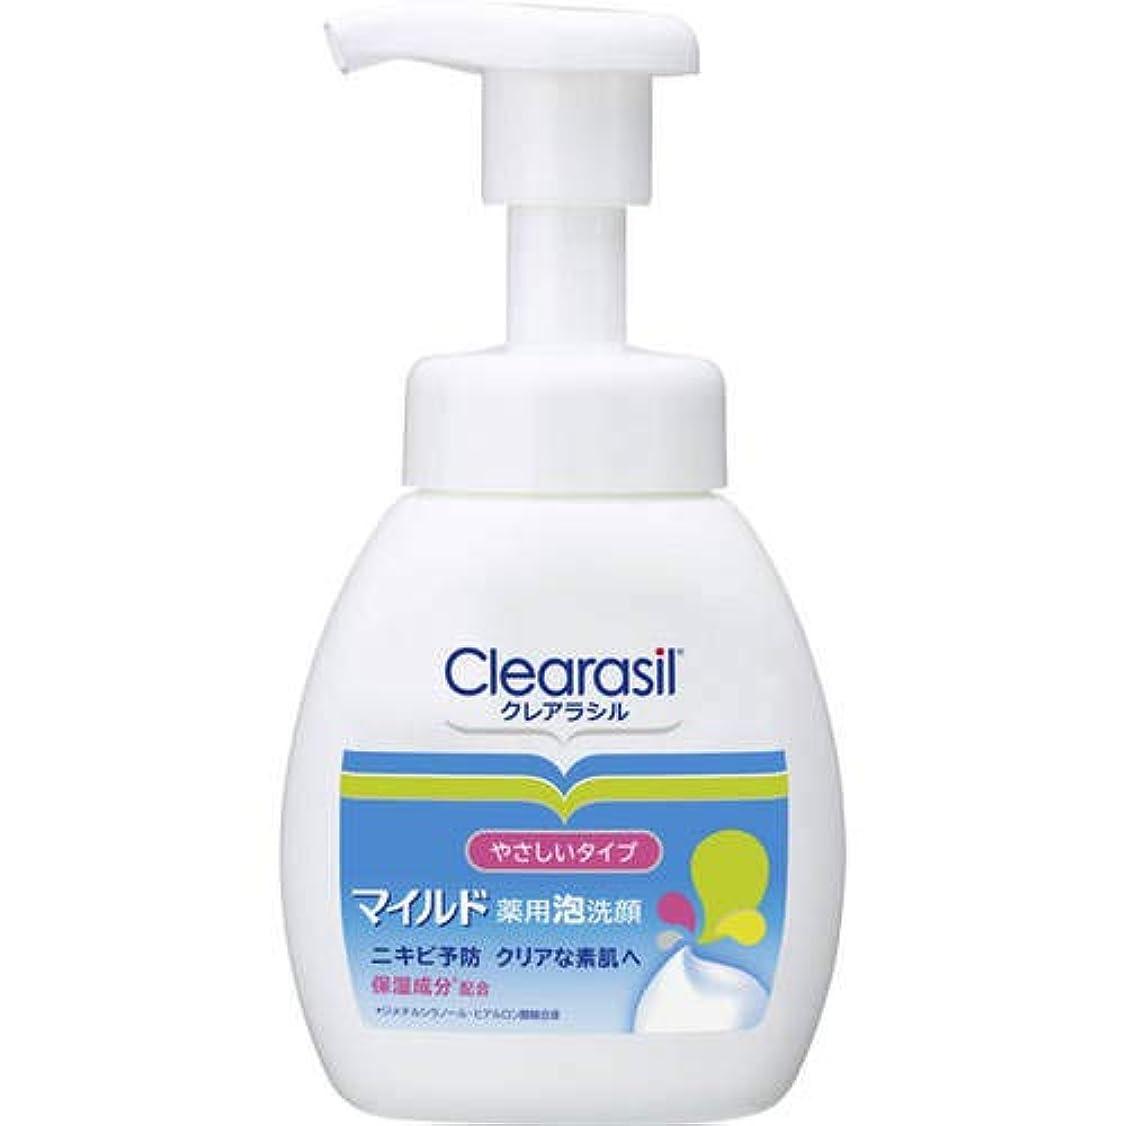 クレアラシル 薬用 泡洗顔フォーム マイルドタイプ 200ml